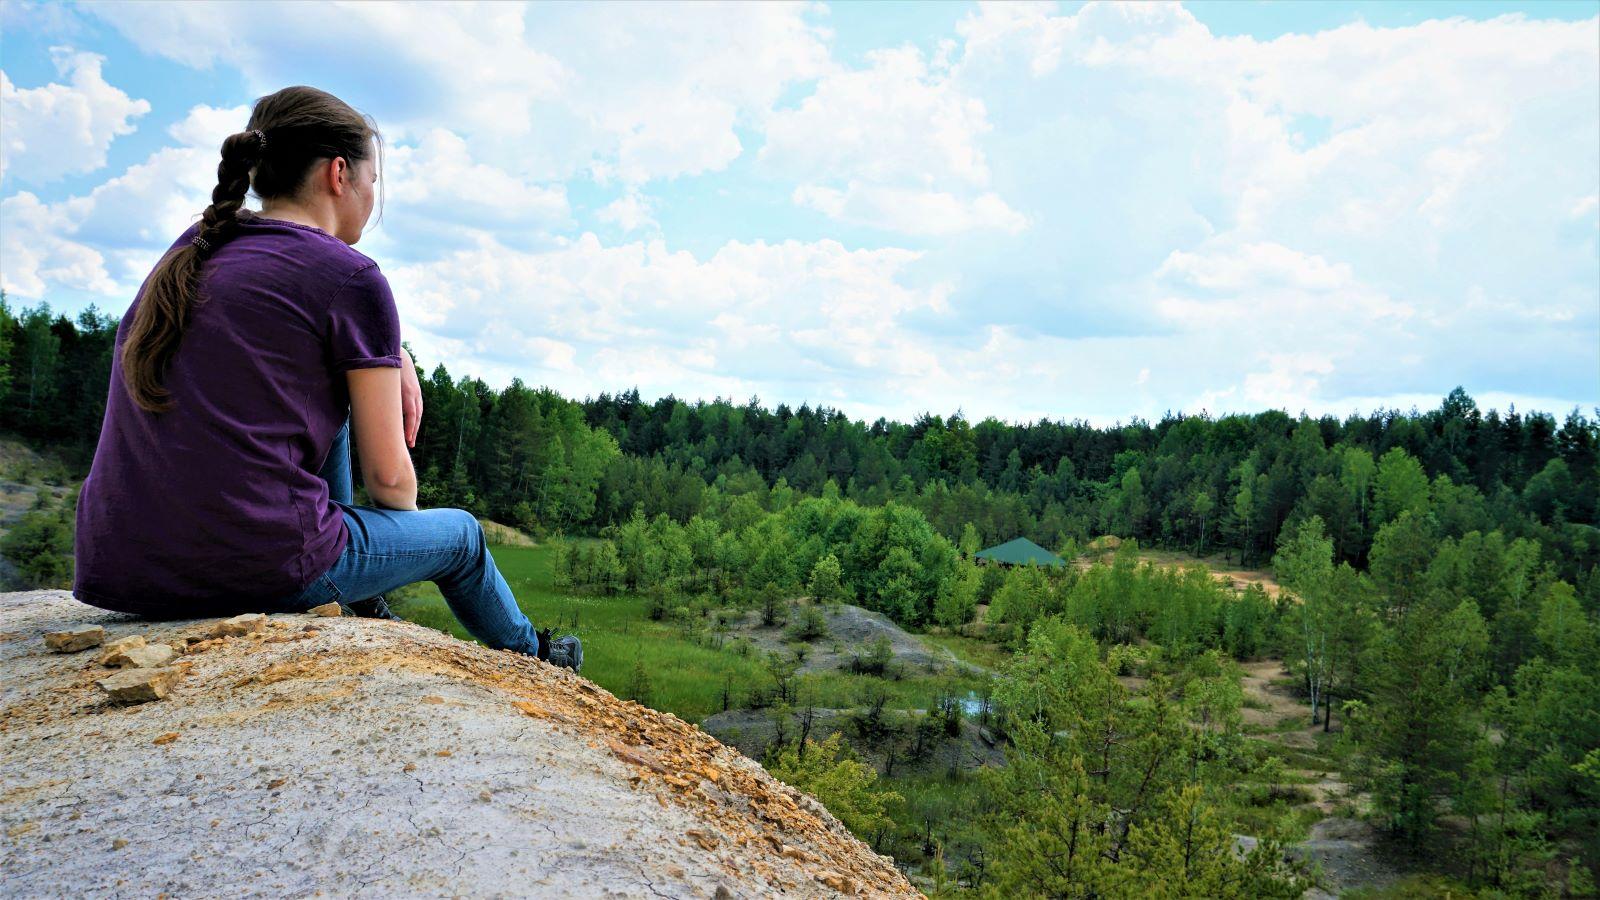 rezerwat przyrody gagaty sołtykowskie